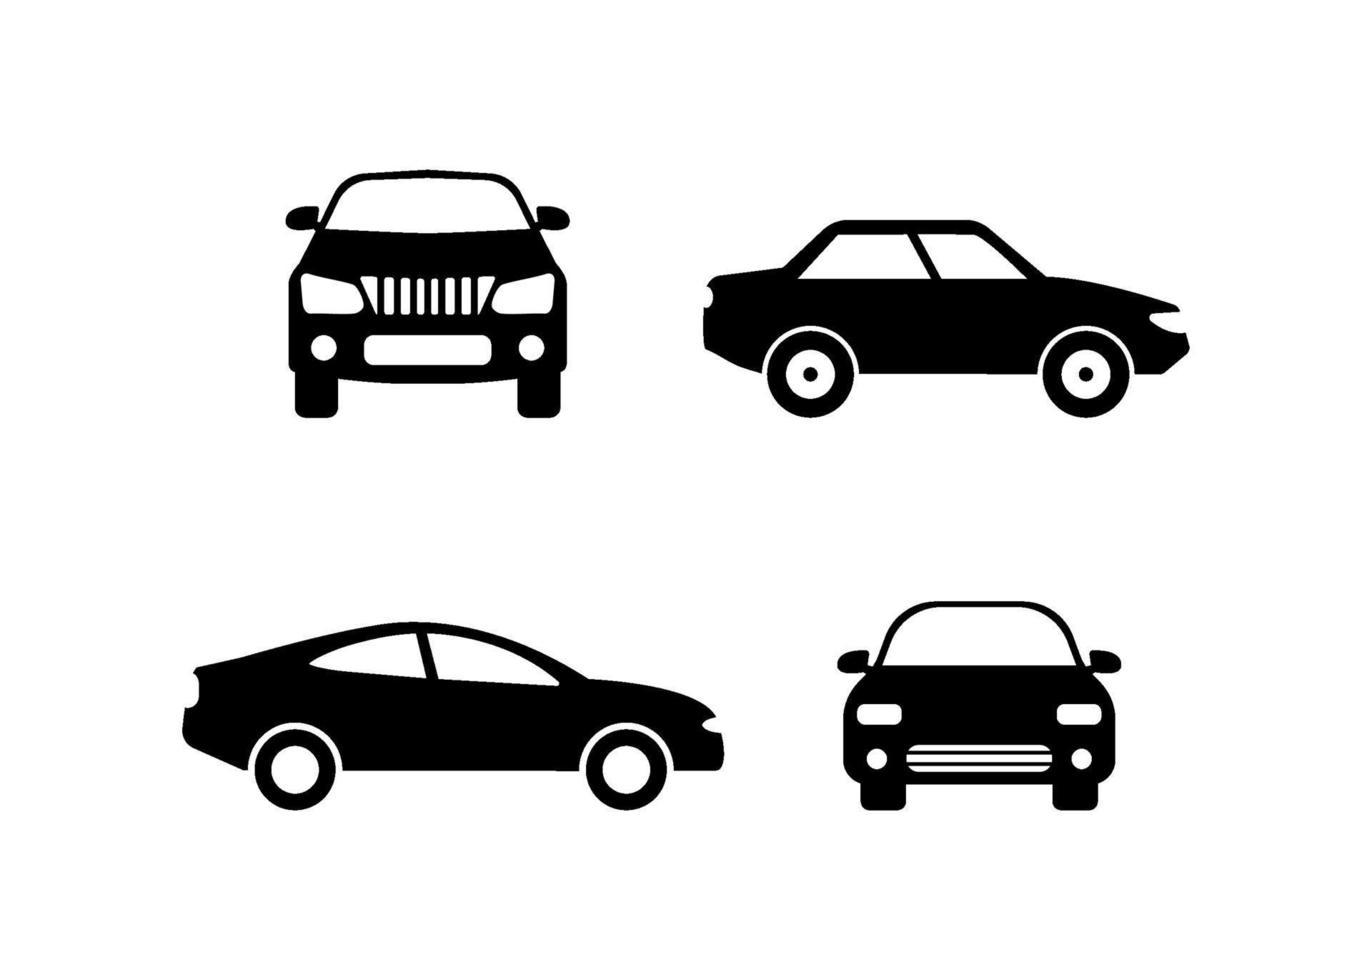 illustration vectorielle de voiture icône design modèle vecteur